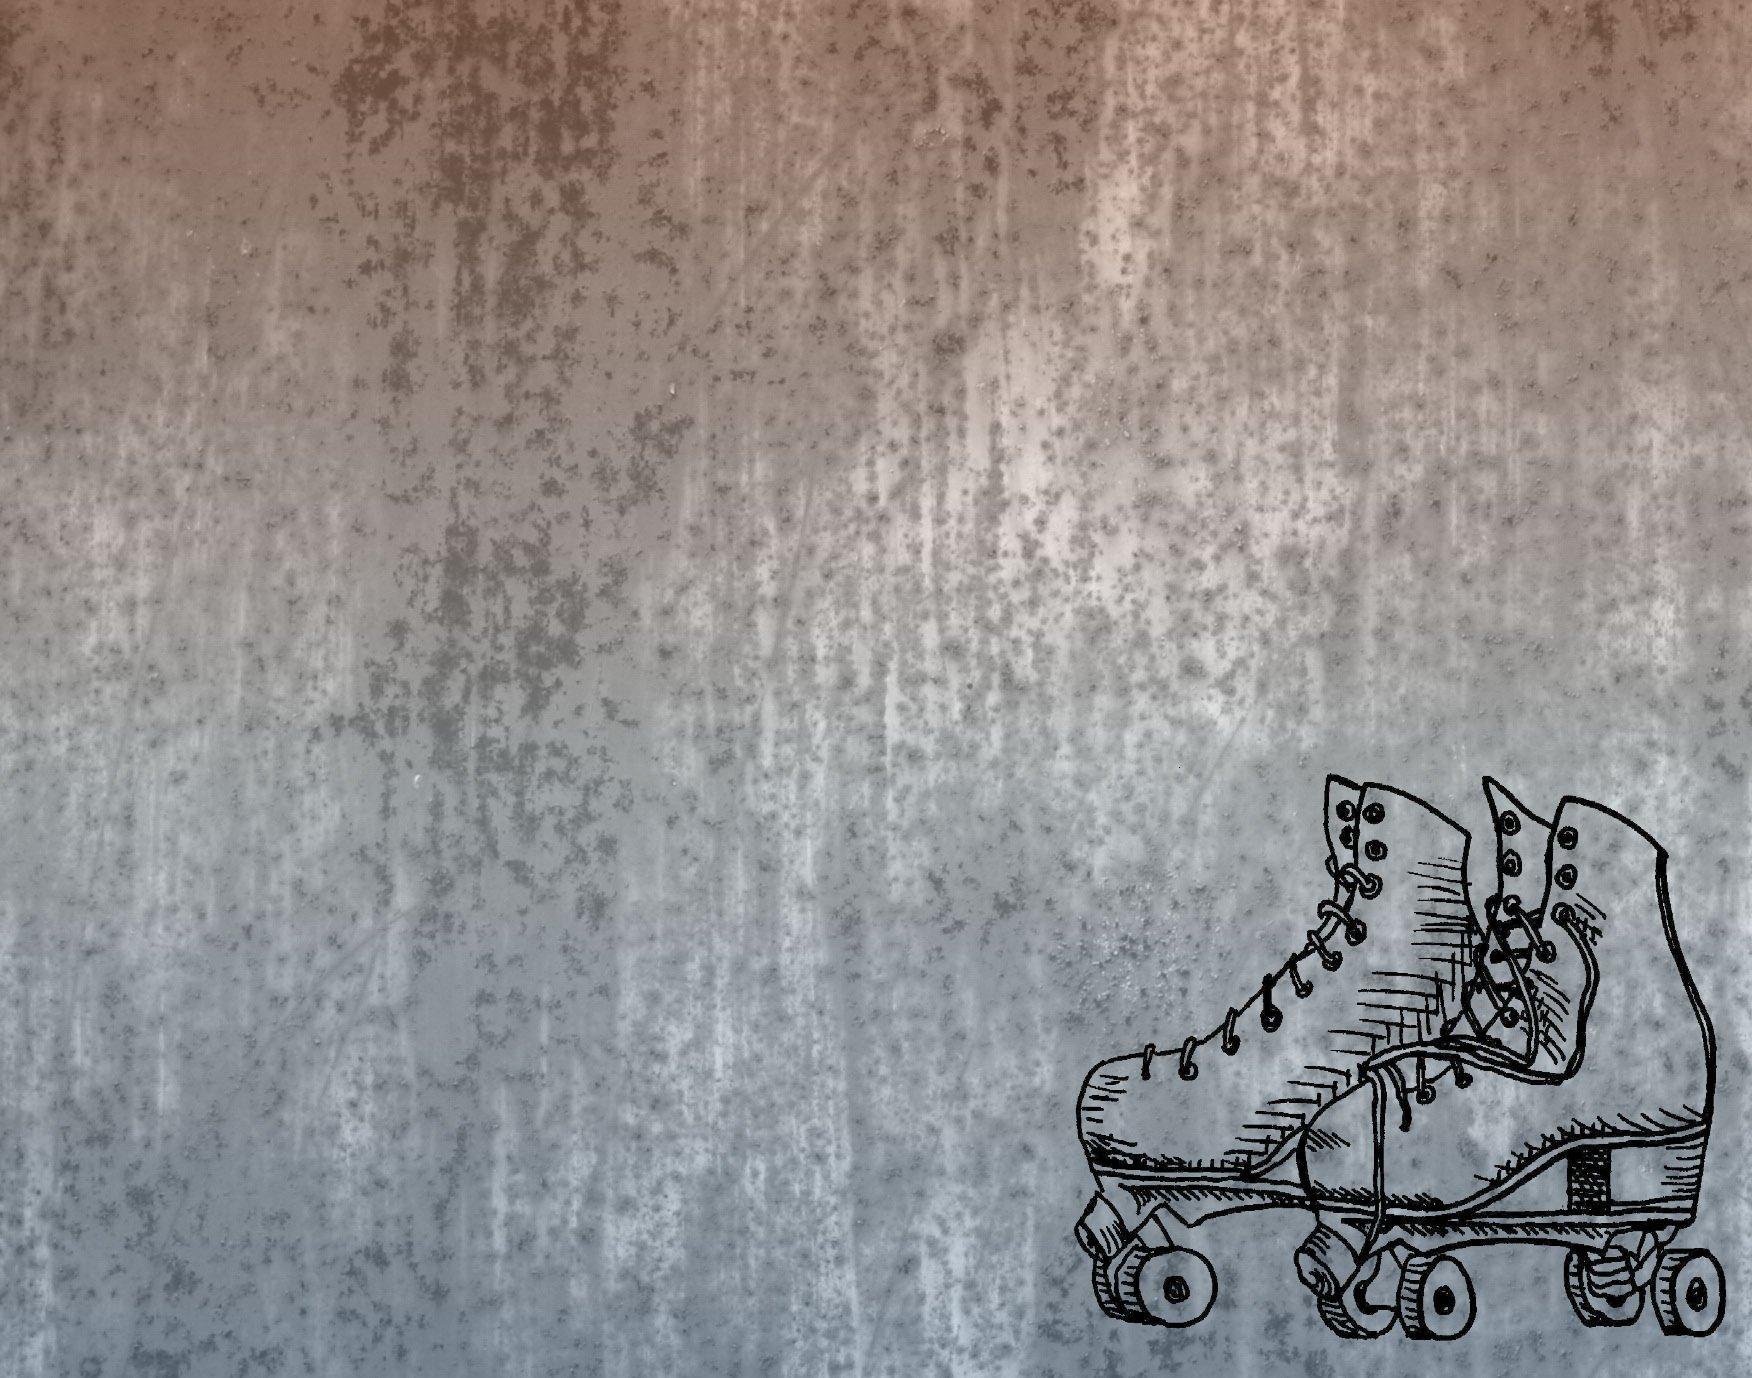 Roller Skating Wallpaper Wallpapersafari